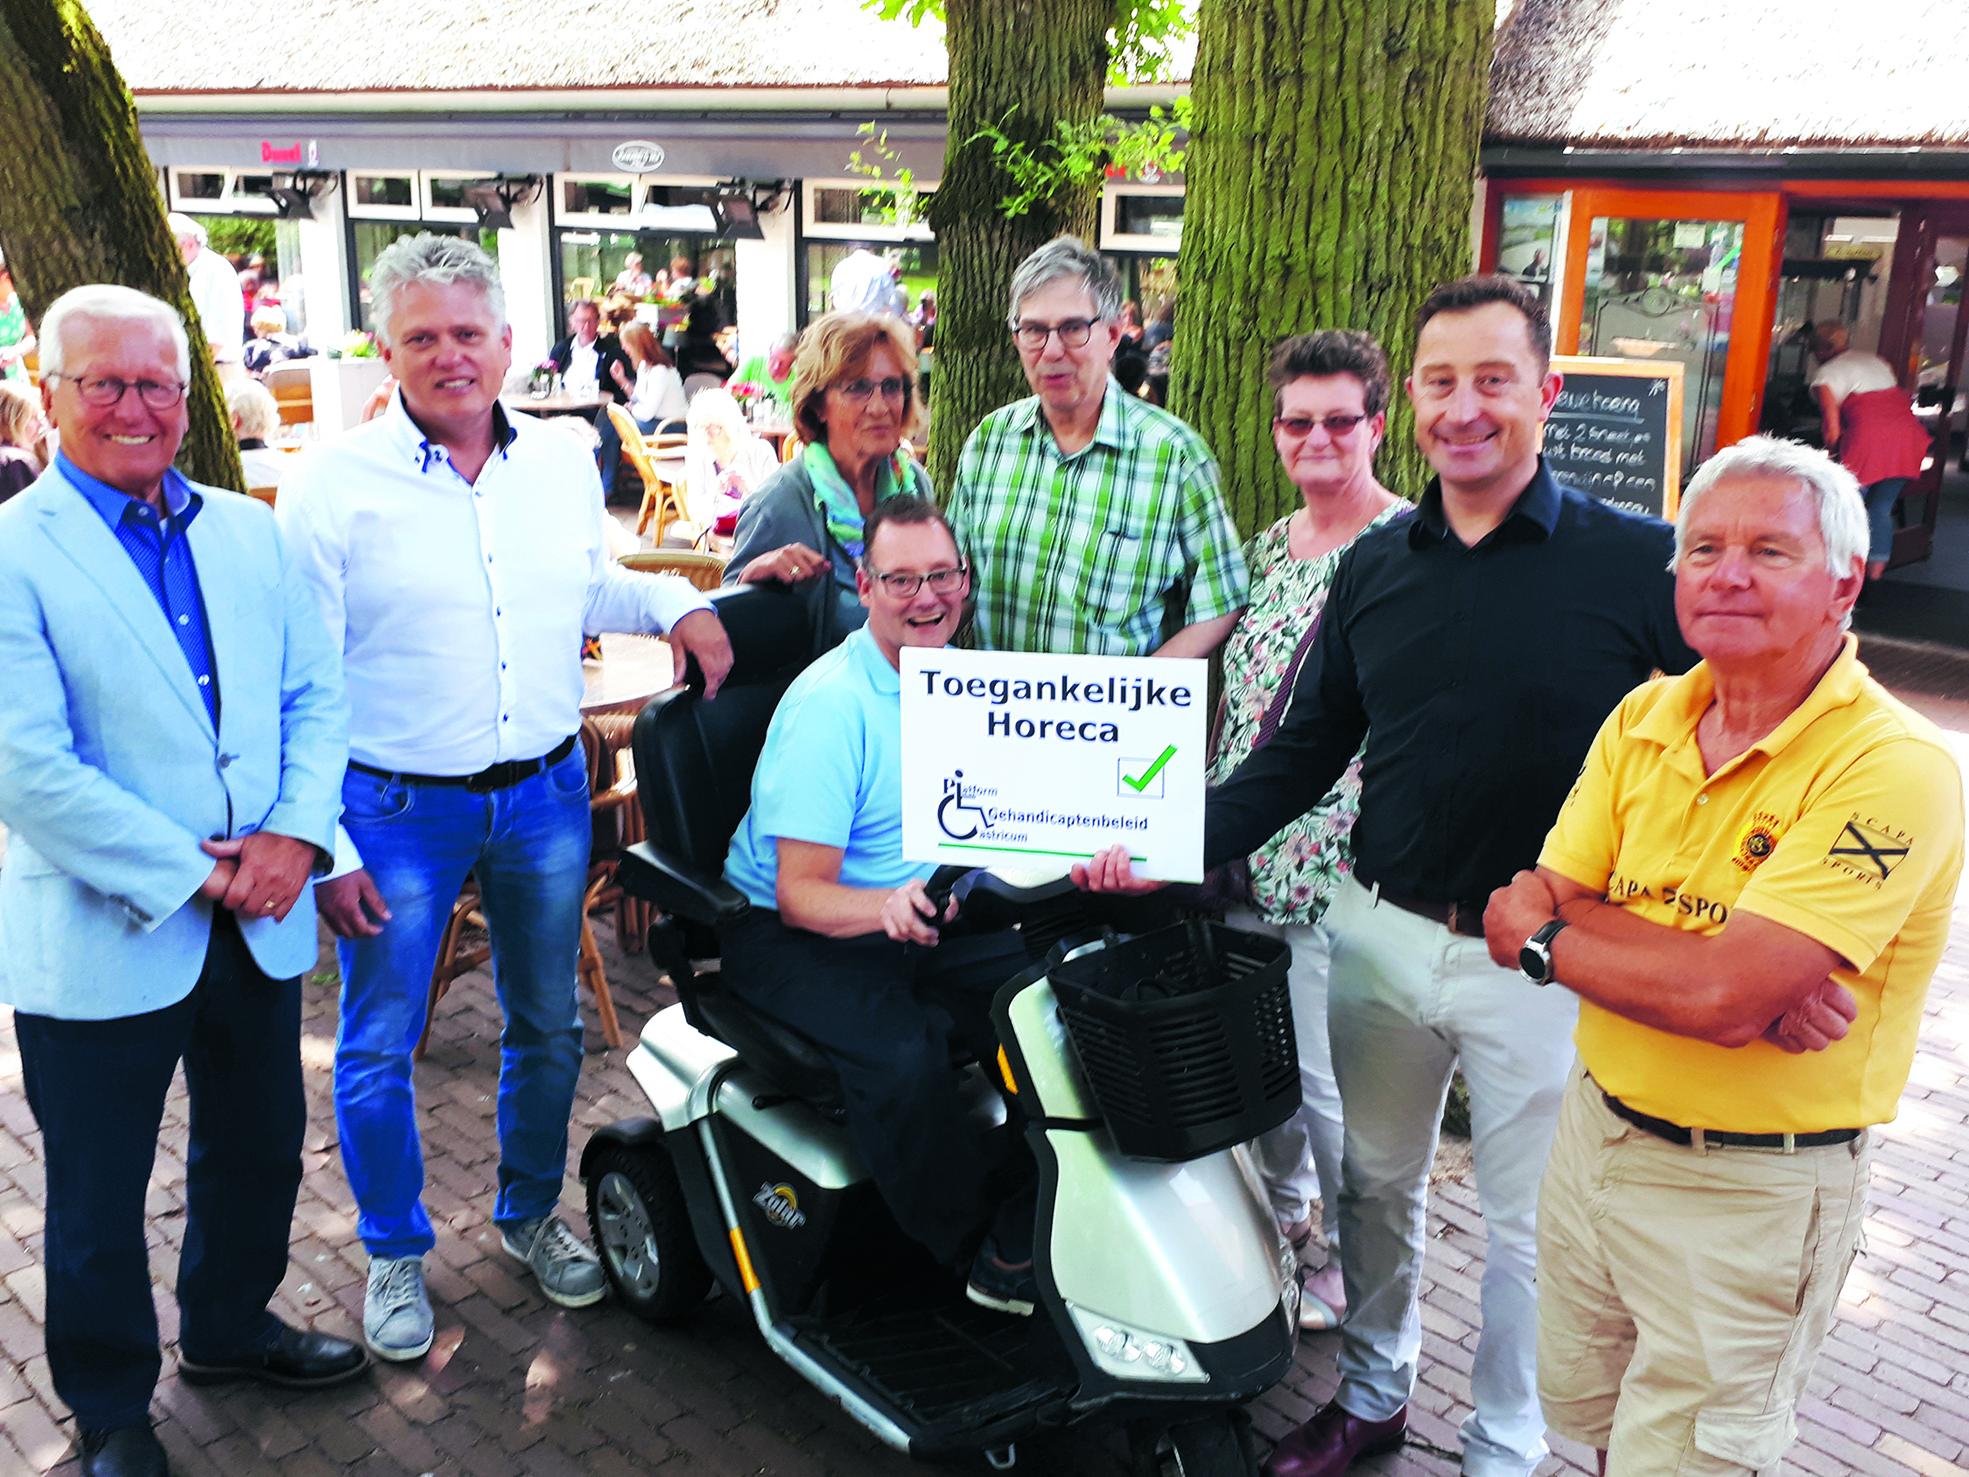 Wethouder Swart (l) en naast hem Edwin Steeman hebben het keurmerk overhandigd aan Theo Groentjes (tweede van rechts) temidden van de andere leden van het Platform Gehandicaptenbeleid. (foto aangeleverd)